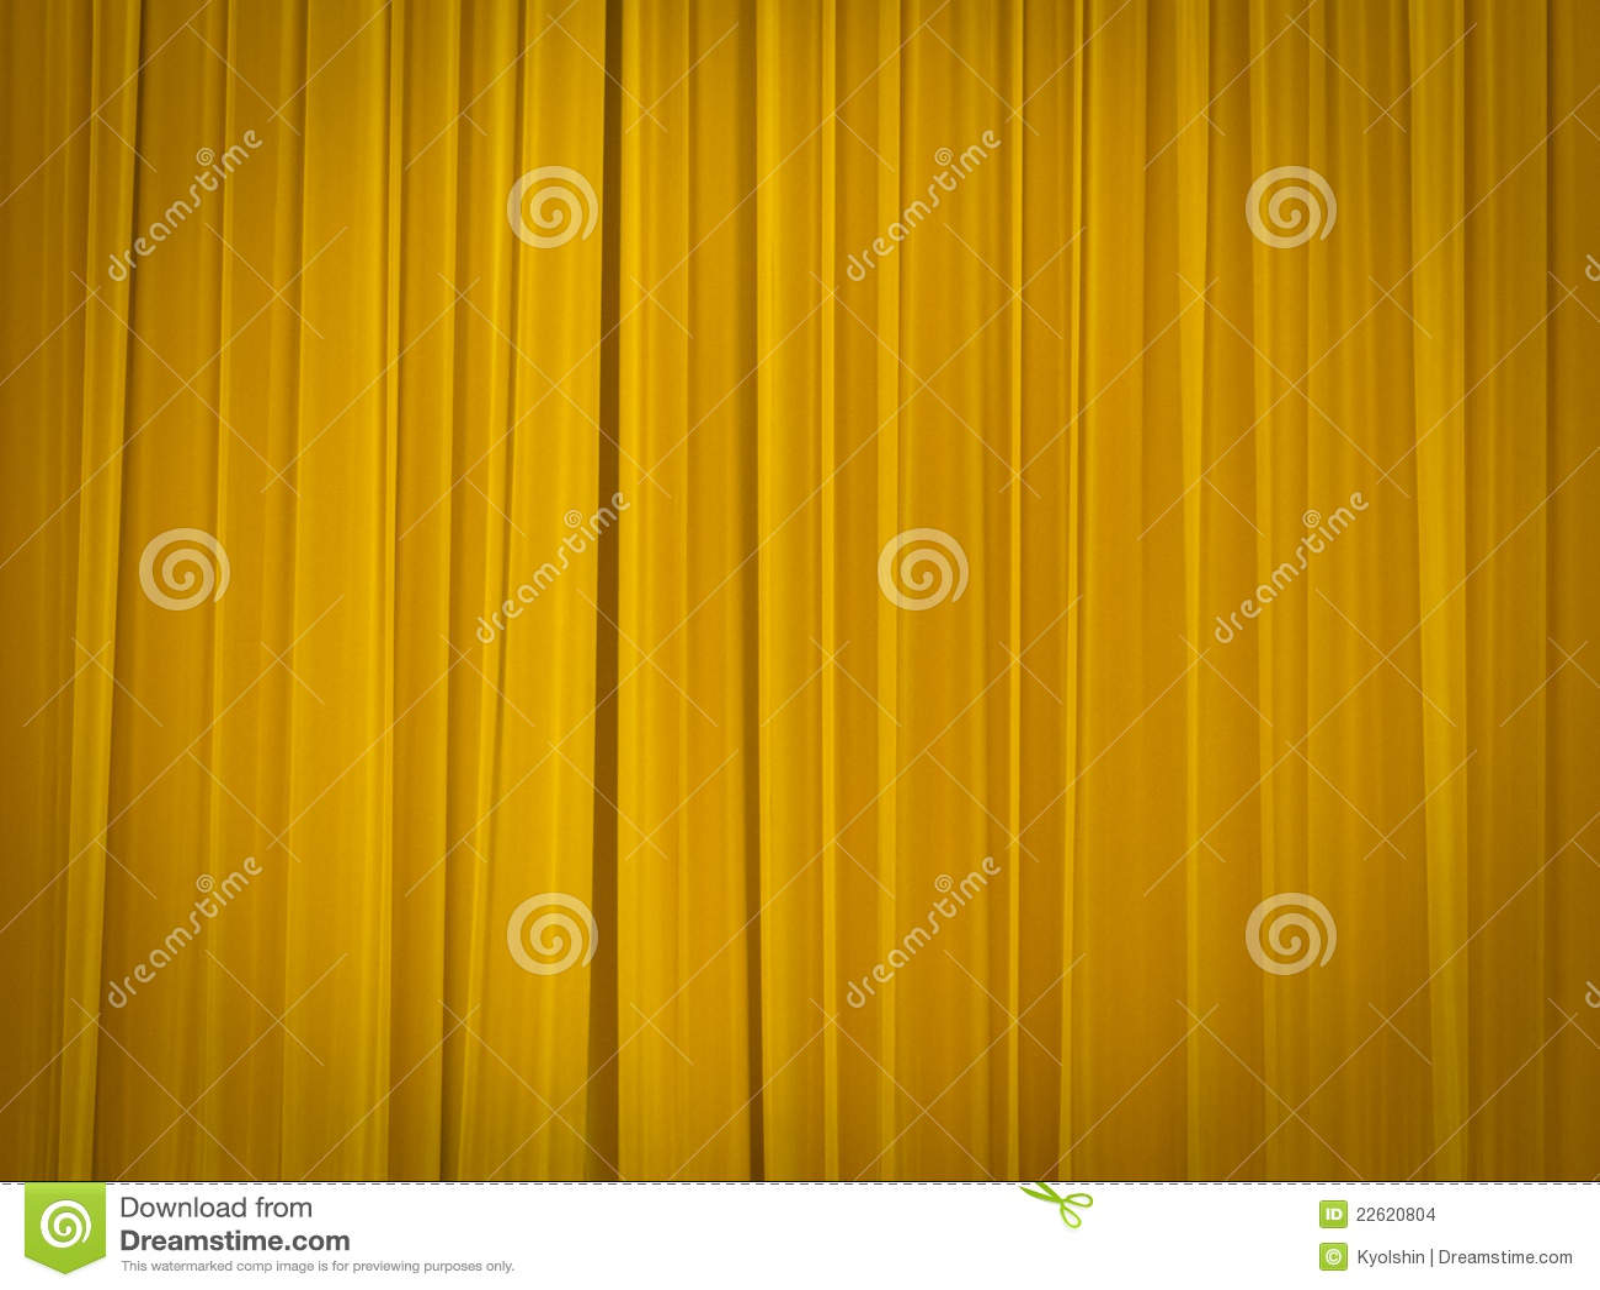 Etapa del teatro con las cortinas cerradas imagenes de for Cortinas amarillas